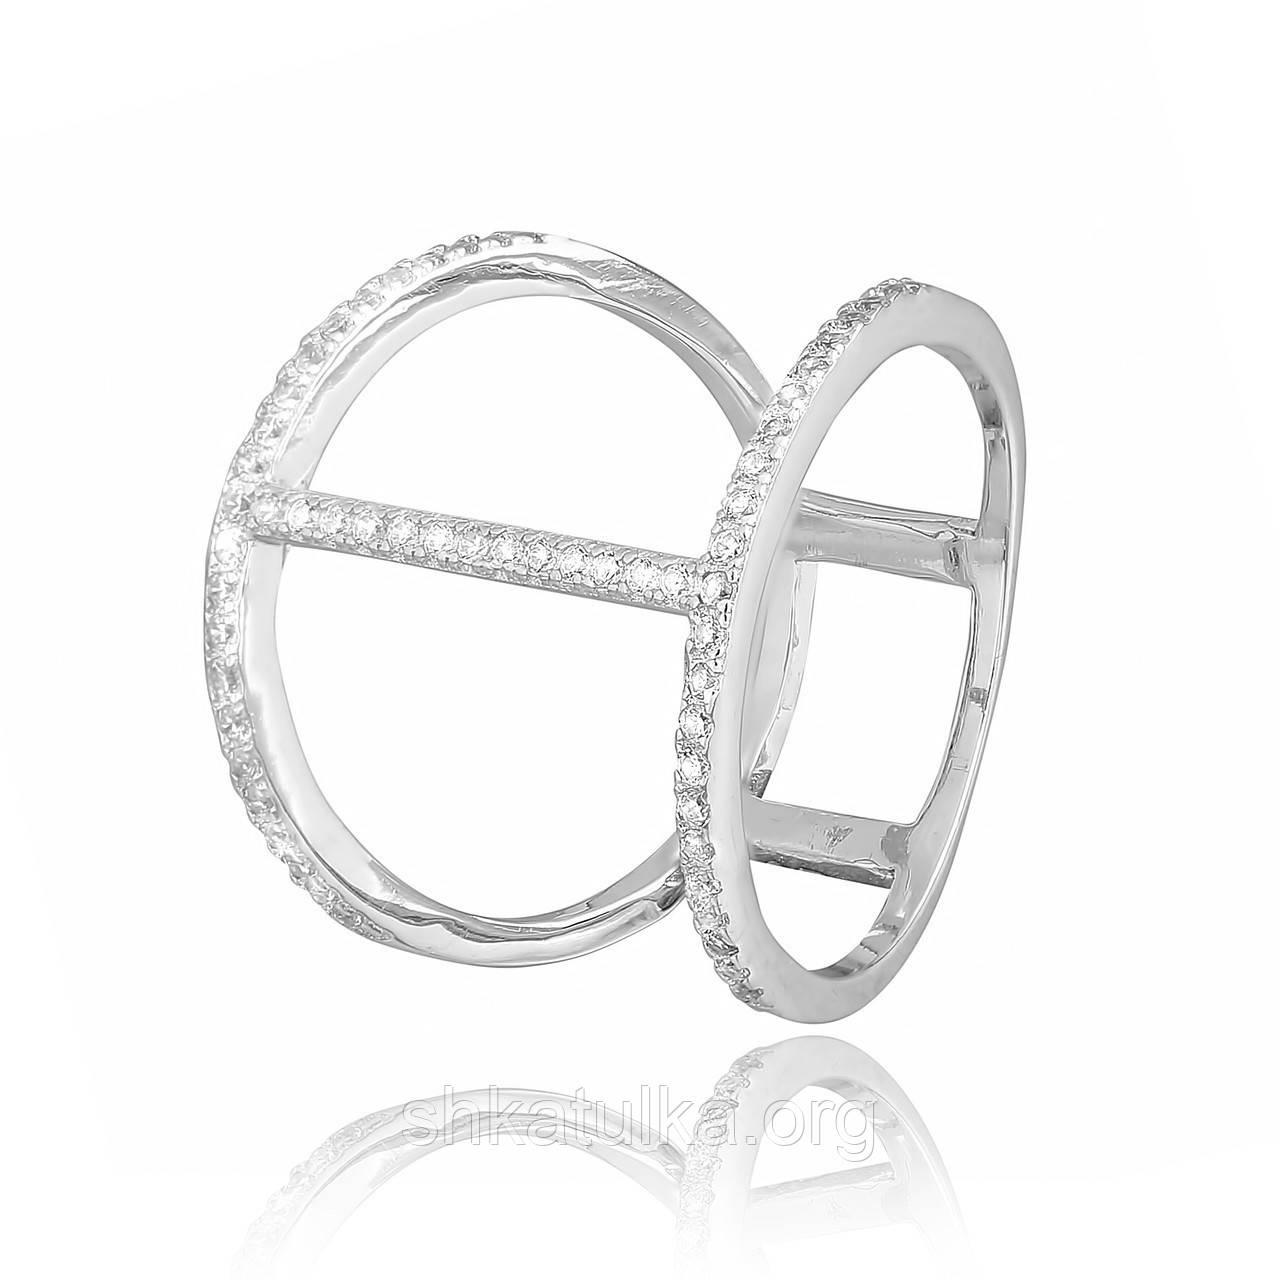 Срібне кільце з фианитом К2Ф/259 - 18,7